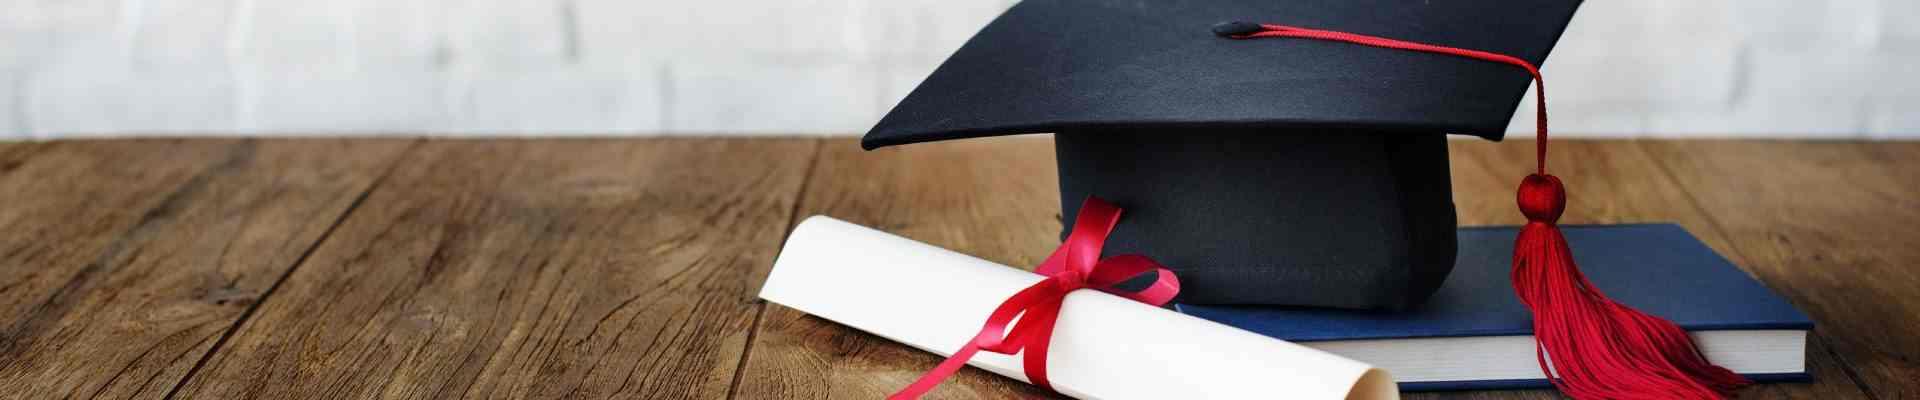 Министерство образования и науки пересмотрело условия выдачи образовательных кредитов